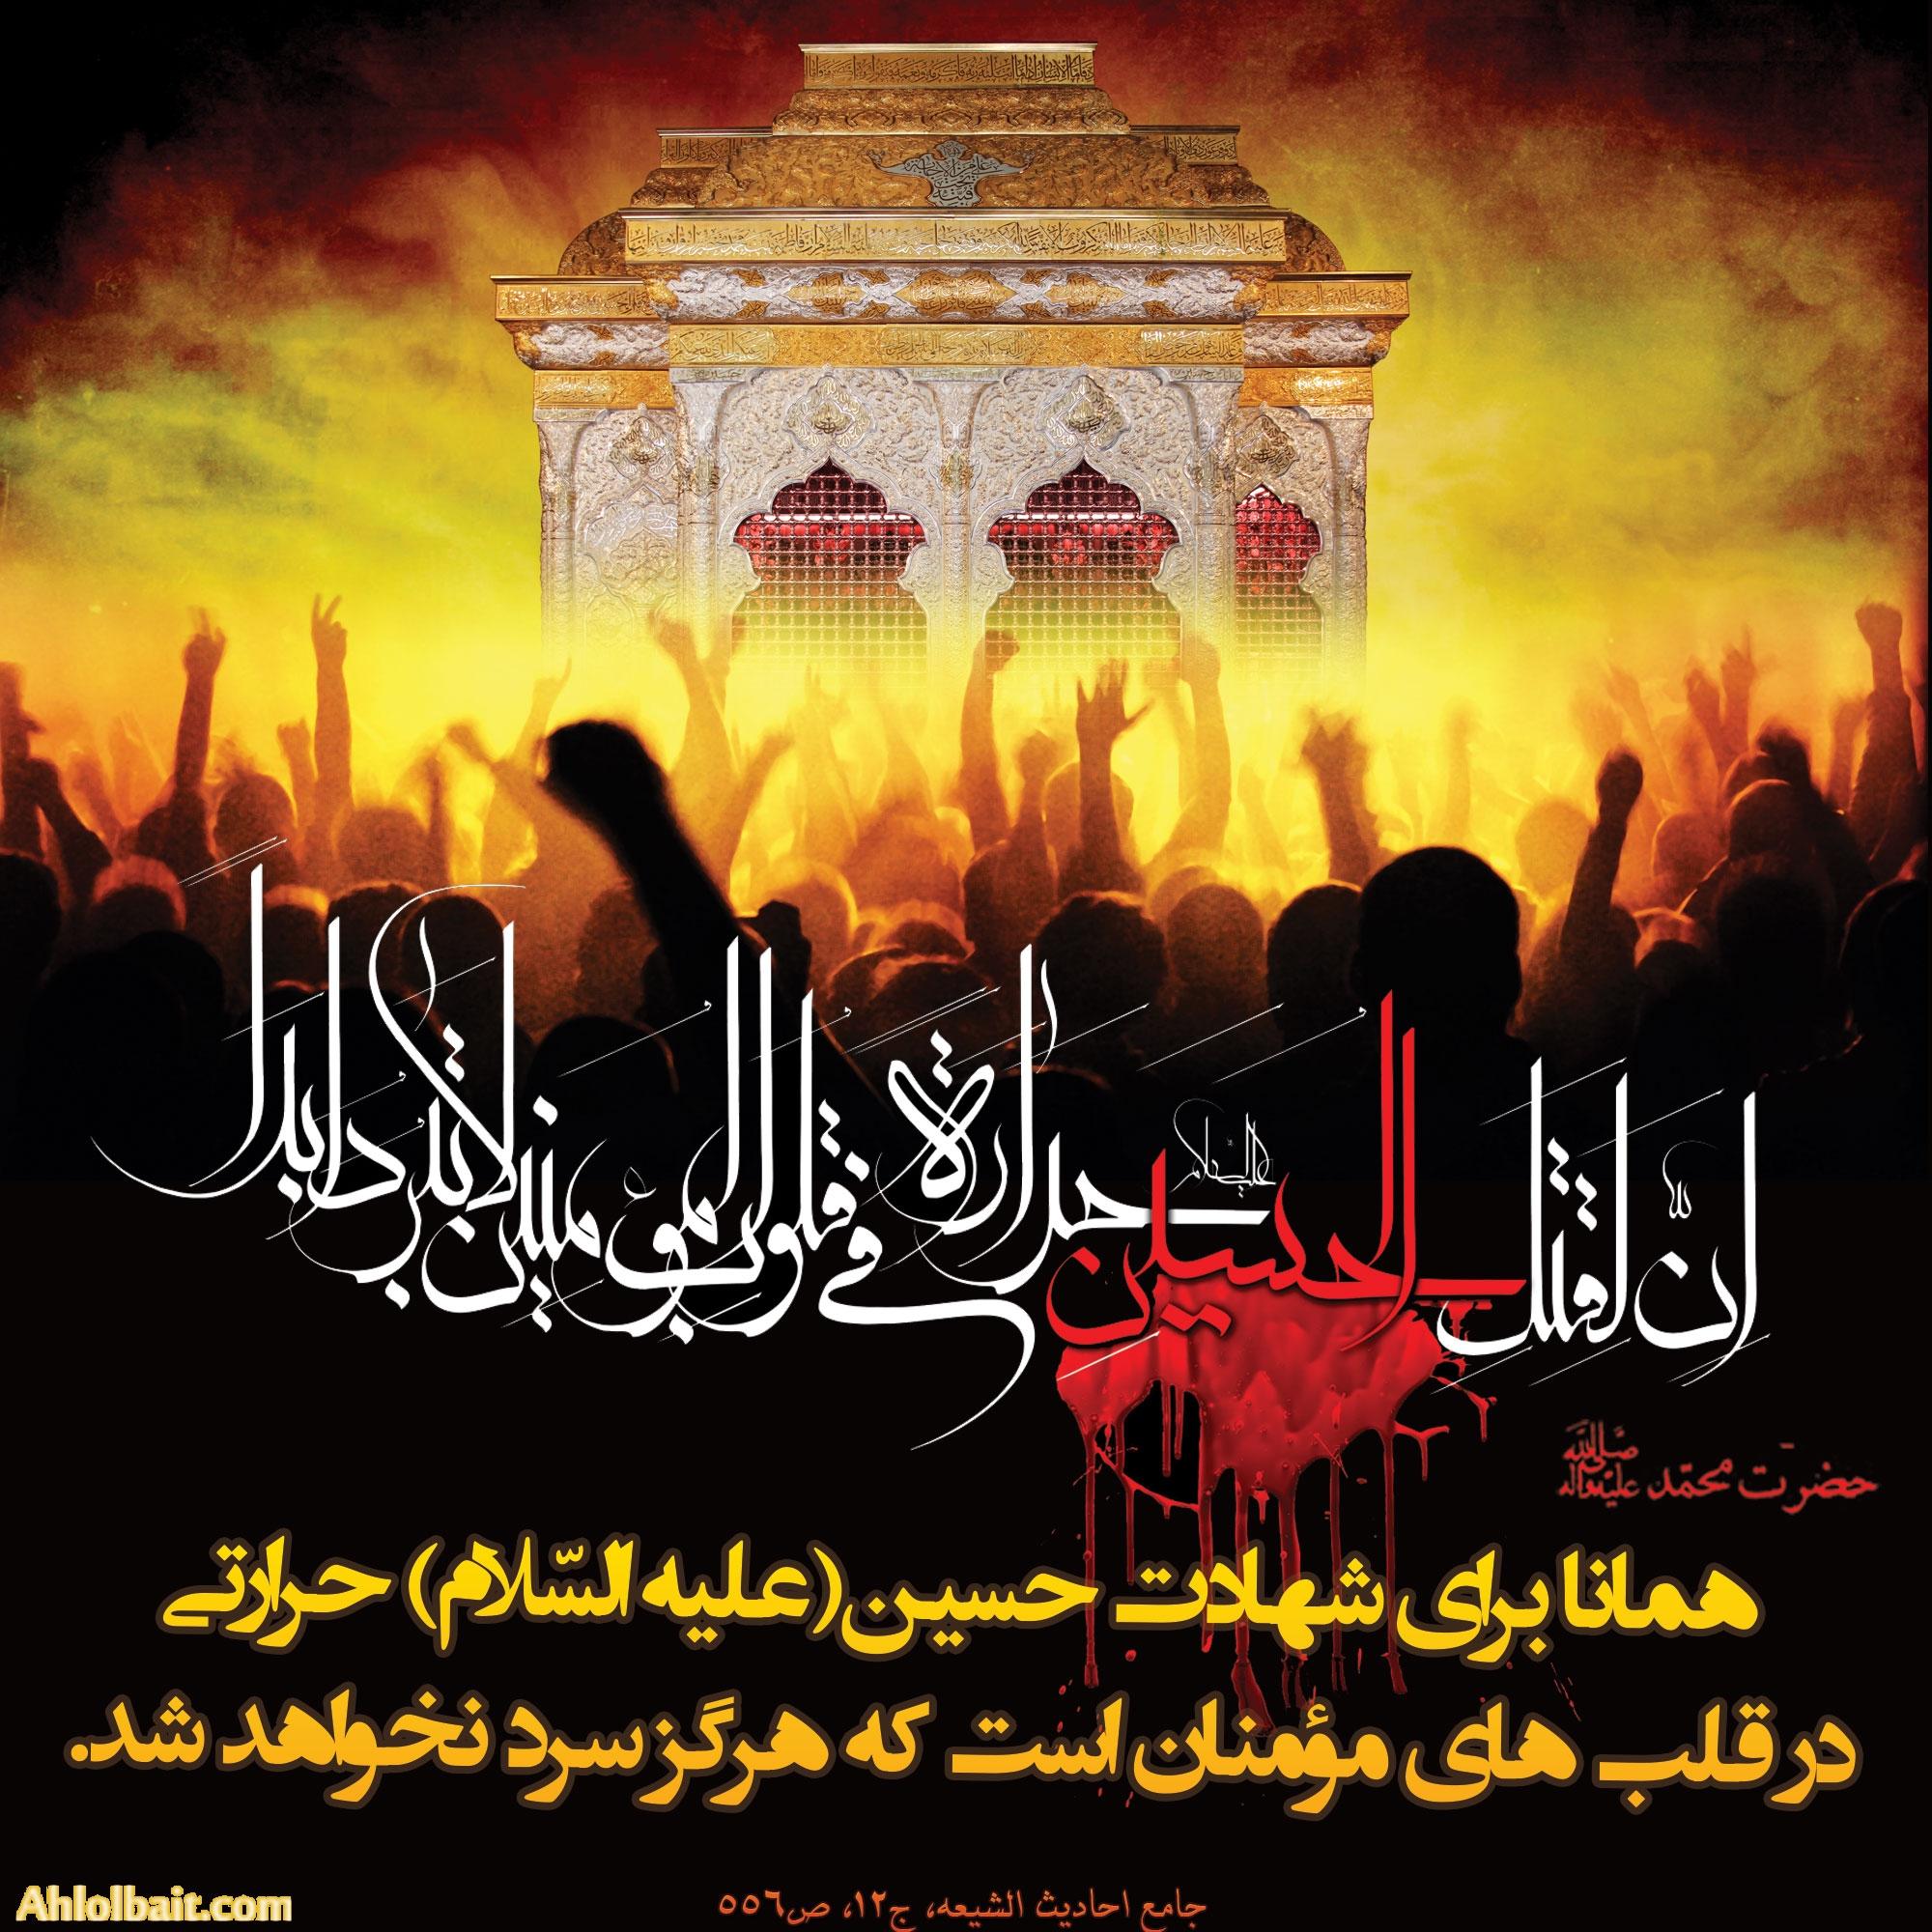 اگر خون حسین (ع) و یارانش در عاشورا به زمین ریخت ولی با صبر حضرت زینب سلام اله علیها در اربعین معنا یافت